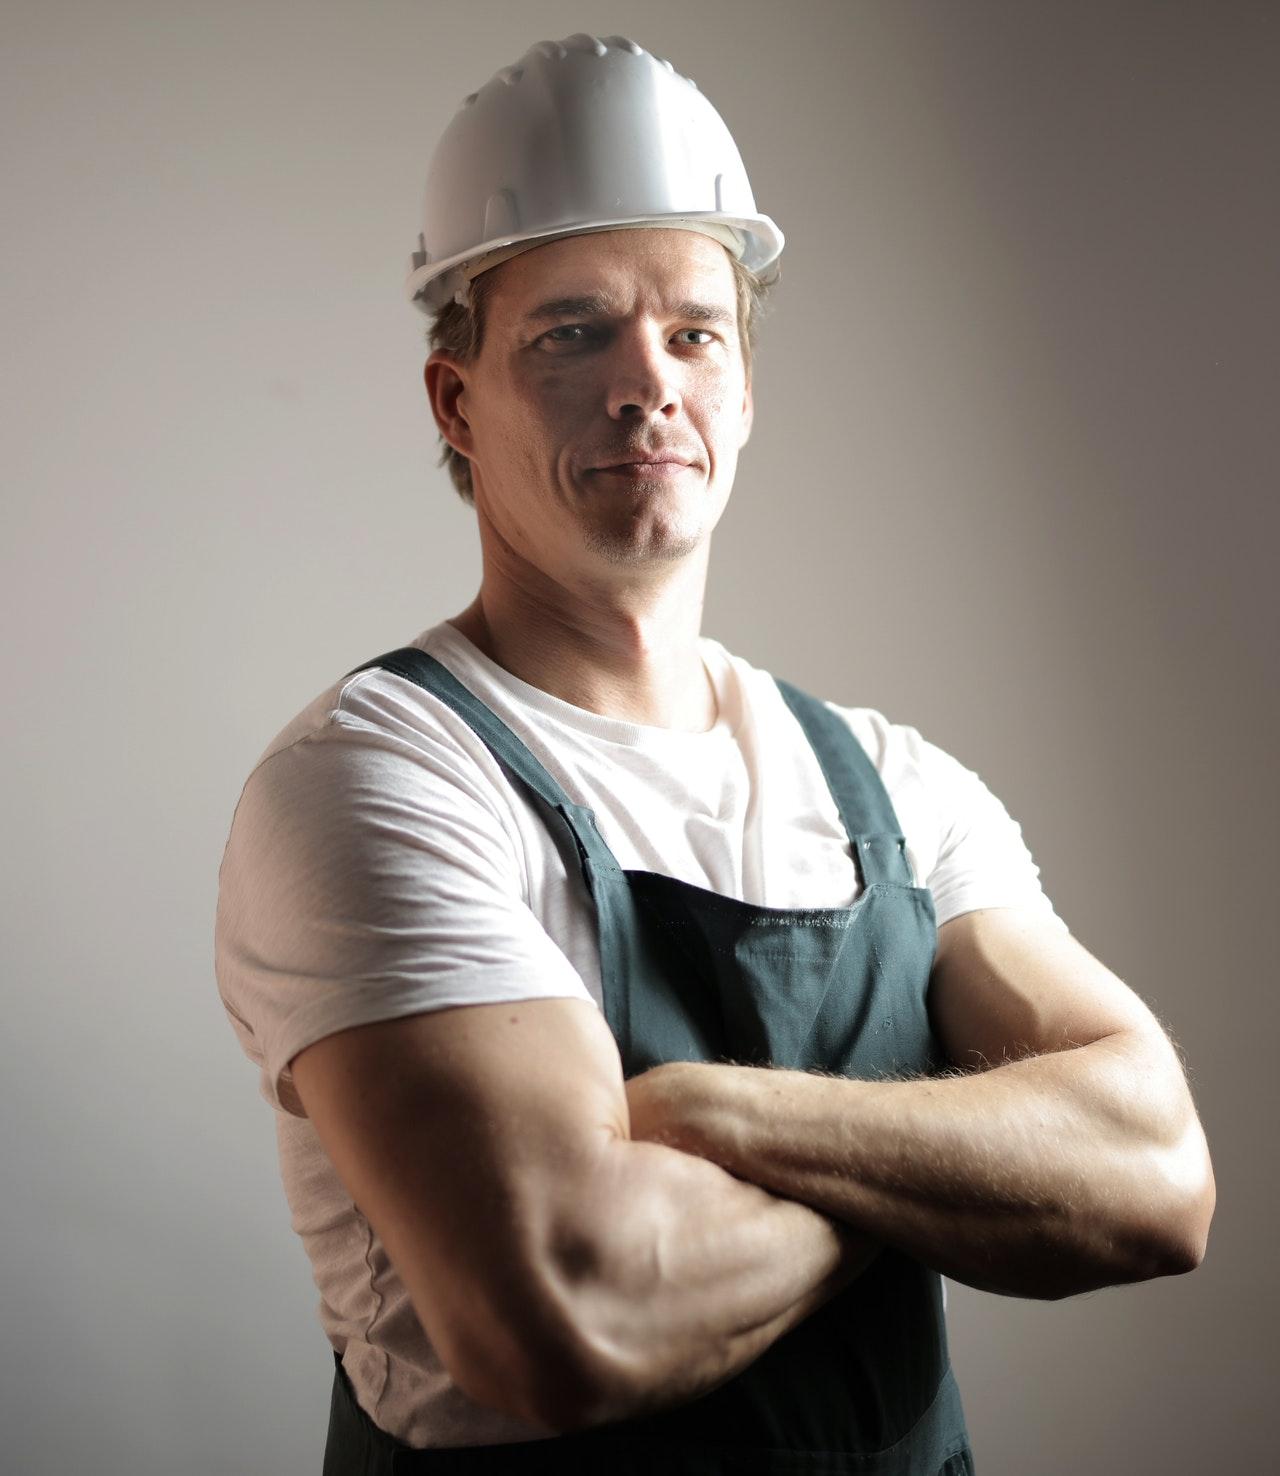 מה כוללות בדיוק עבודות עפר ואיך הן נעשות?